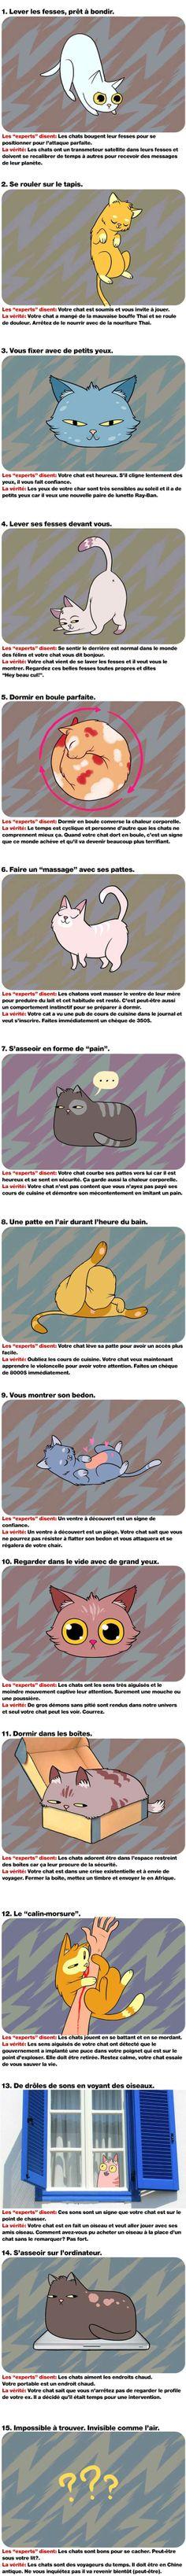 La vérité choquante derrière le comportement des chats http://crisscestdrole.com/post/la-verite-choquante-derriere-le-comportement-des-chats/5969